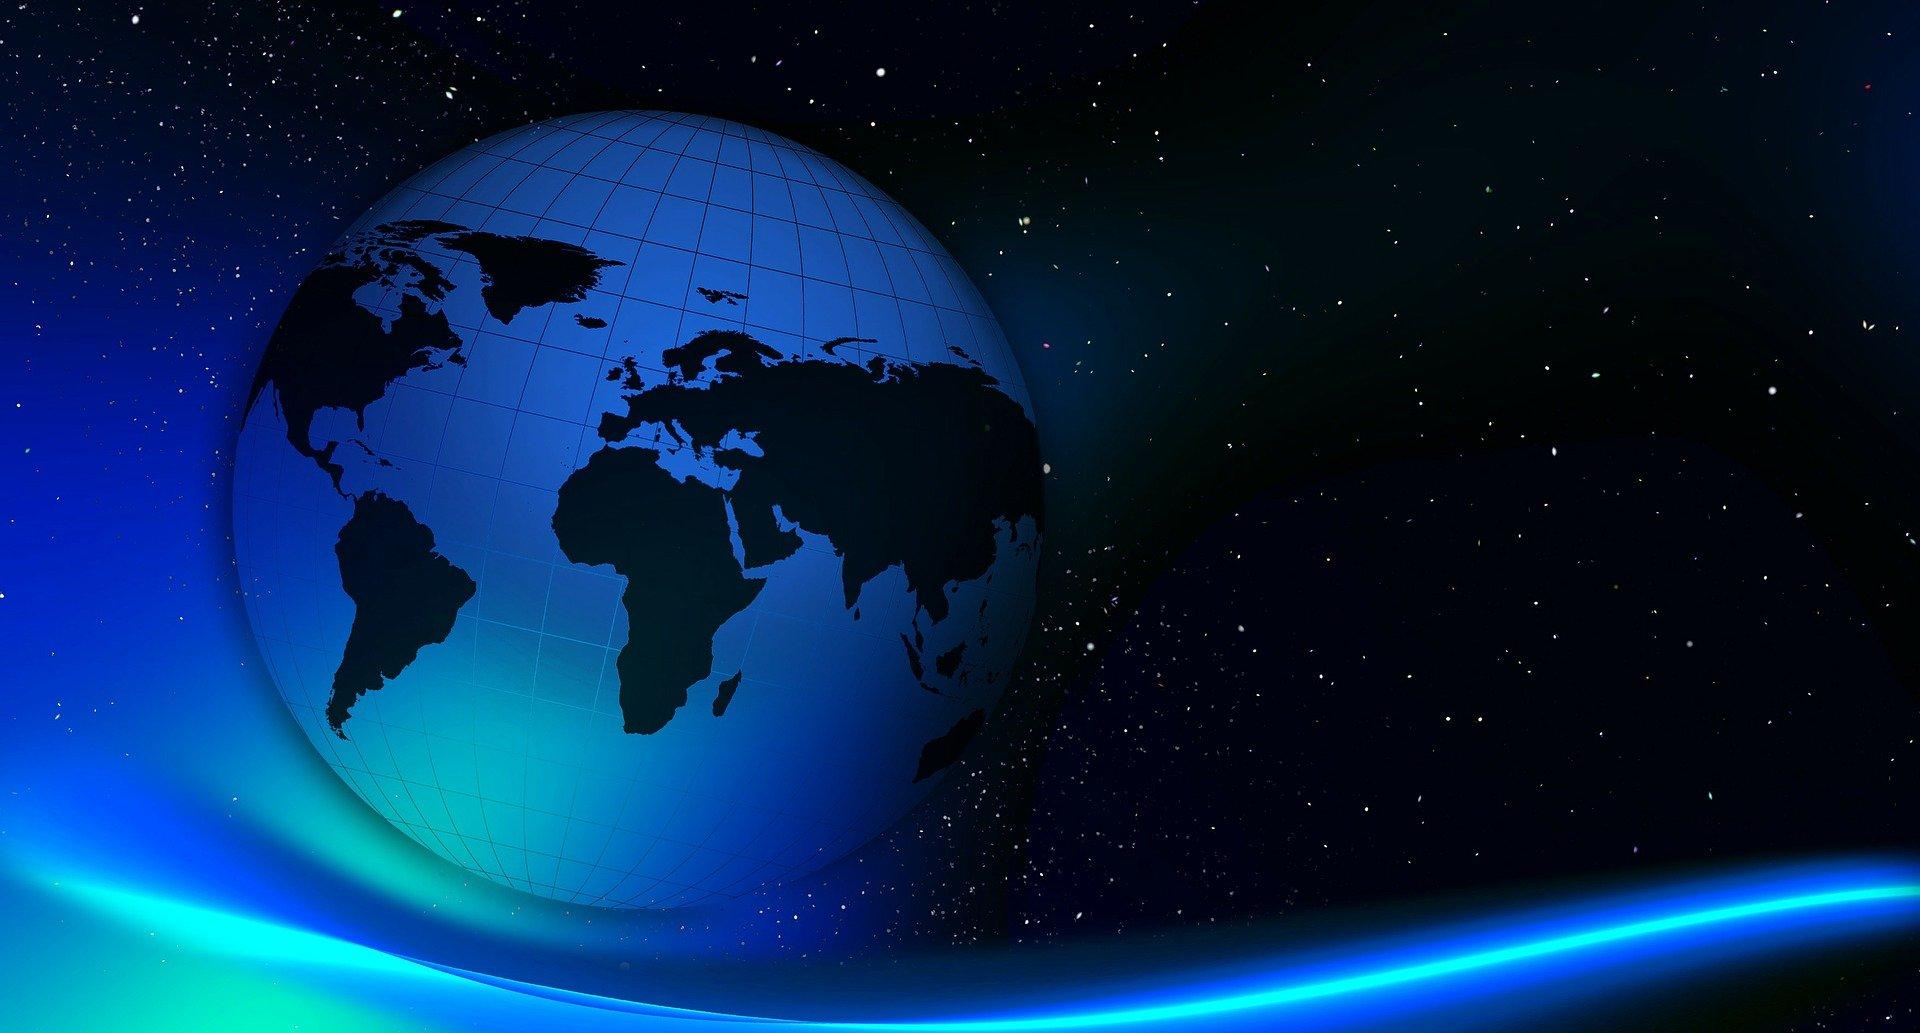 globe-86243_1920